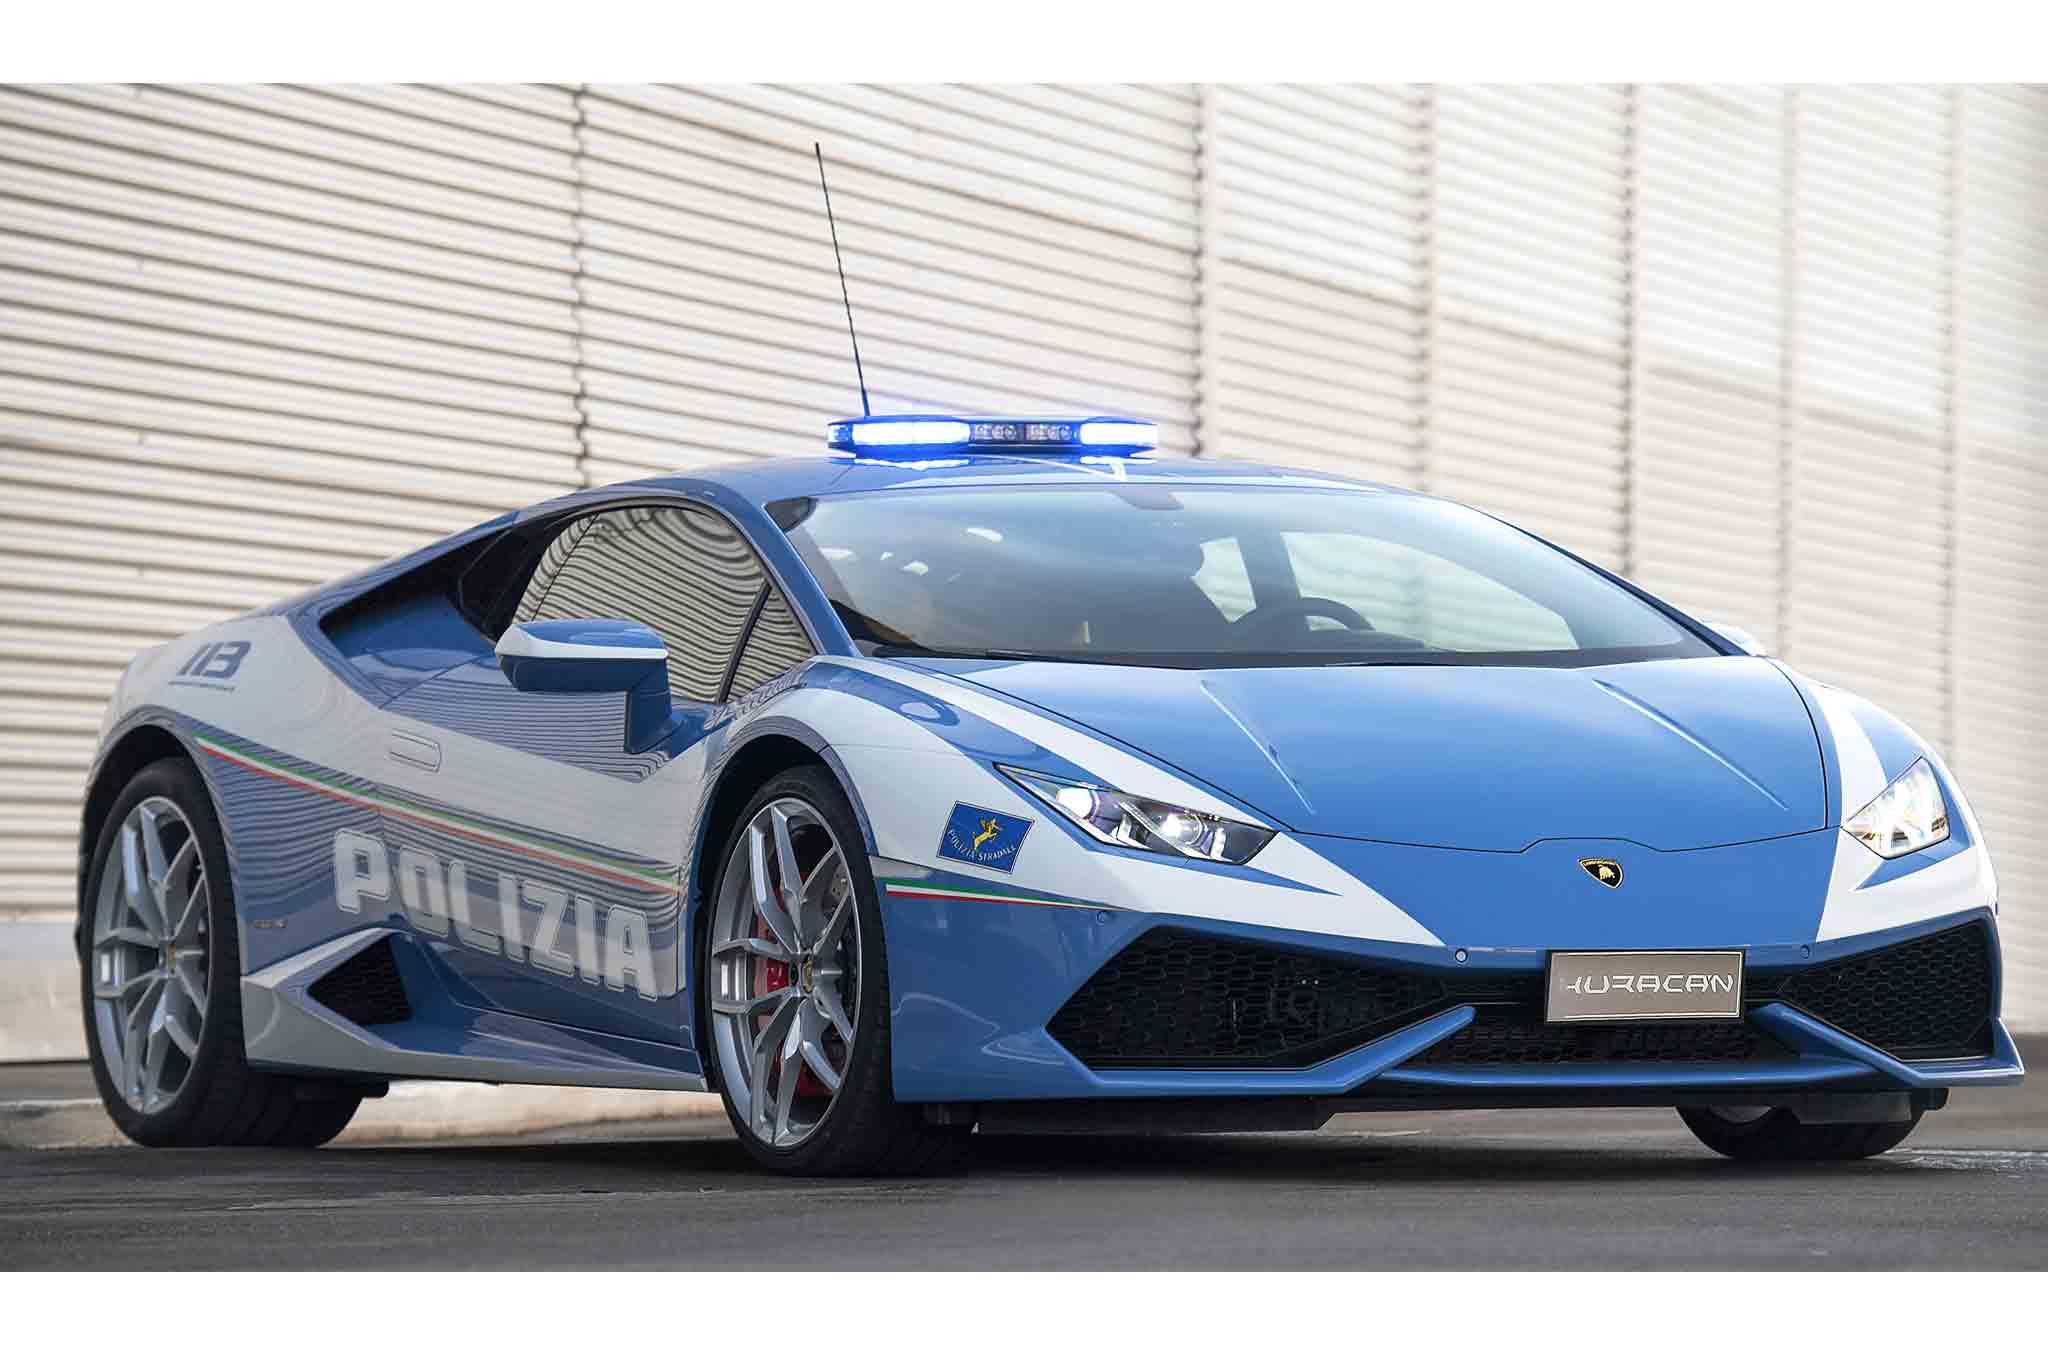 Lamborghini Huracan Polizia Front Three Quarter 1